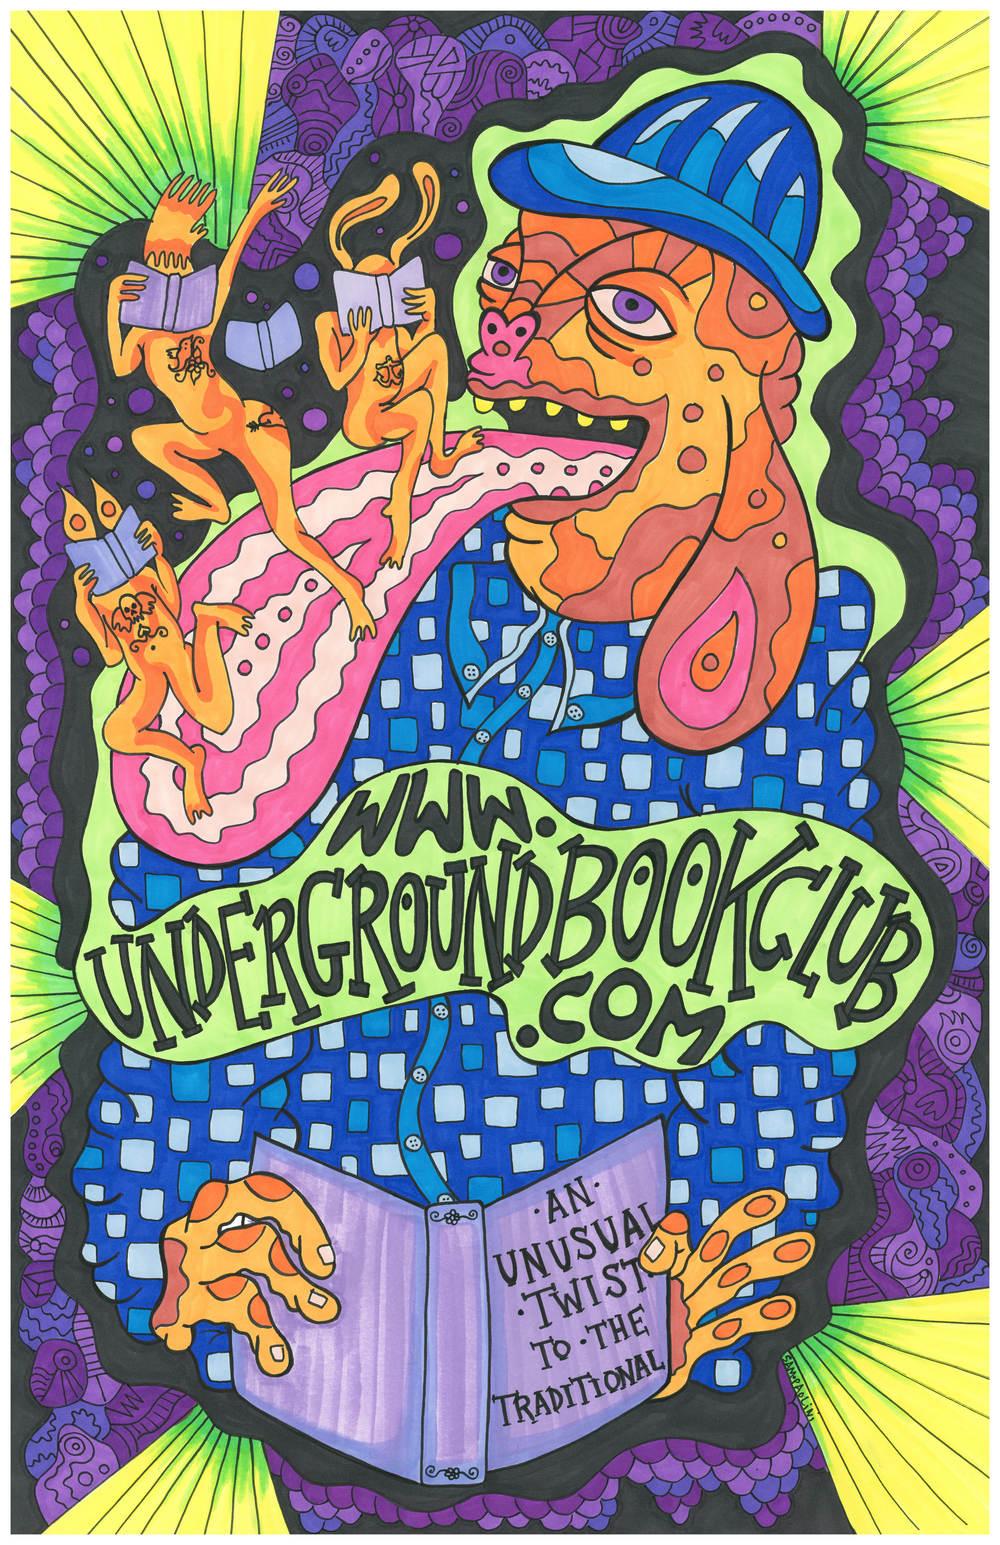 underground book club poster.jpg